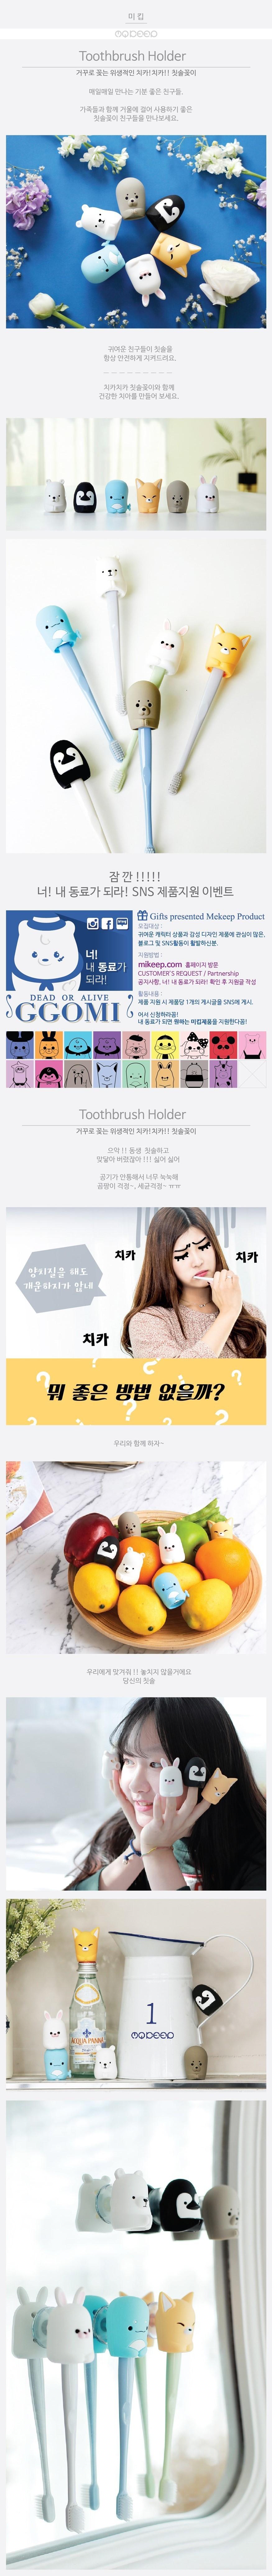 미킵 애니멀 캐릭터 거꾸로 칫솔꽂이 홀더 - 갓샵, 8,500원, 양치, 칫솔홀더